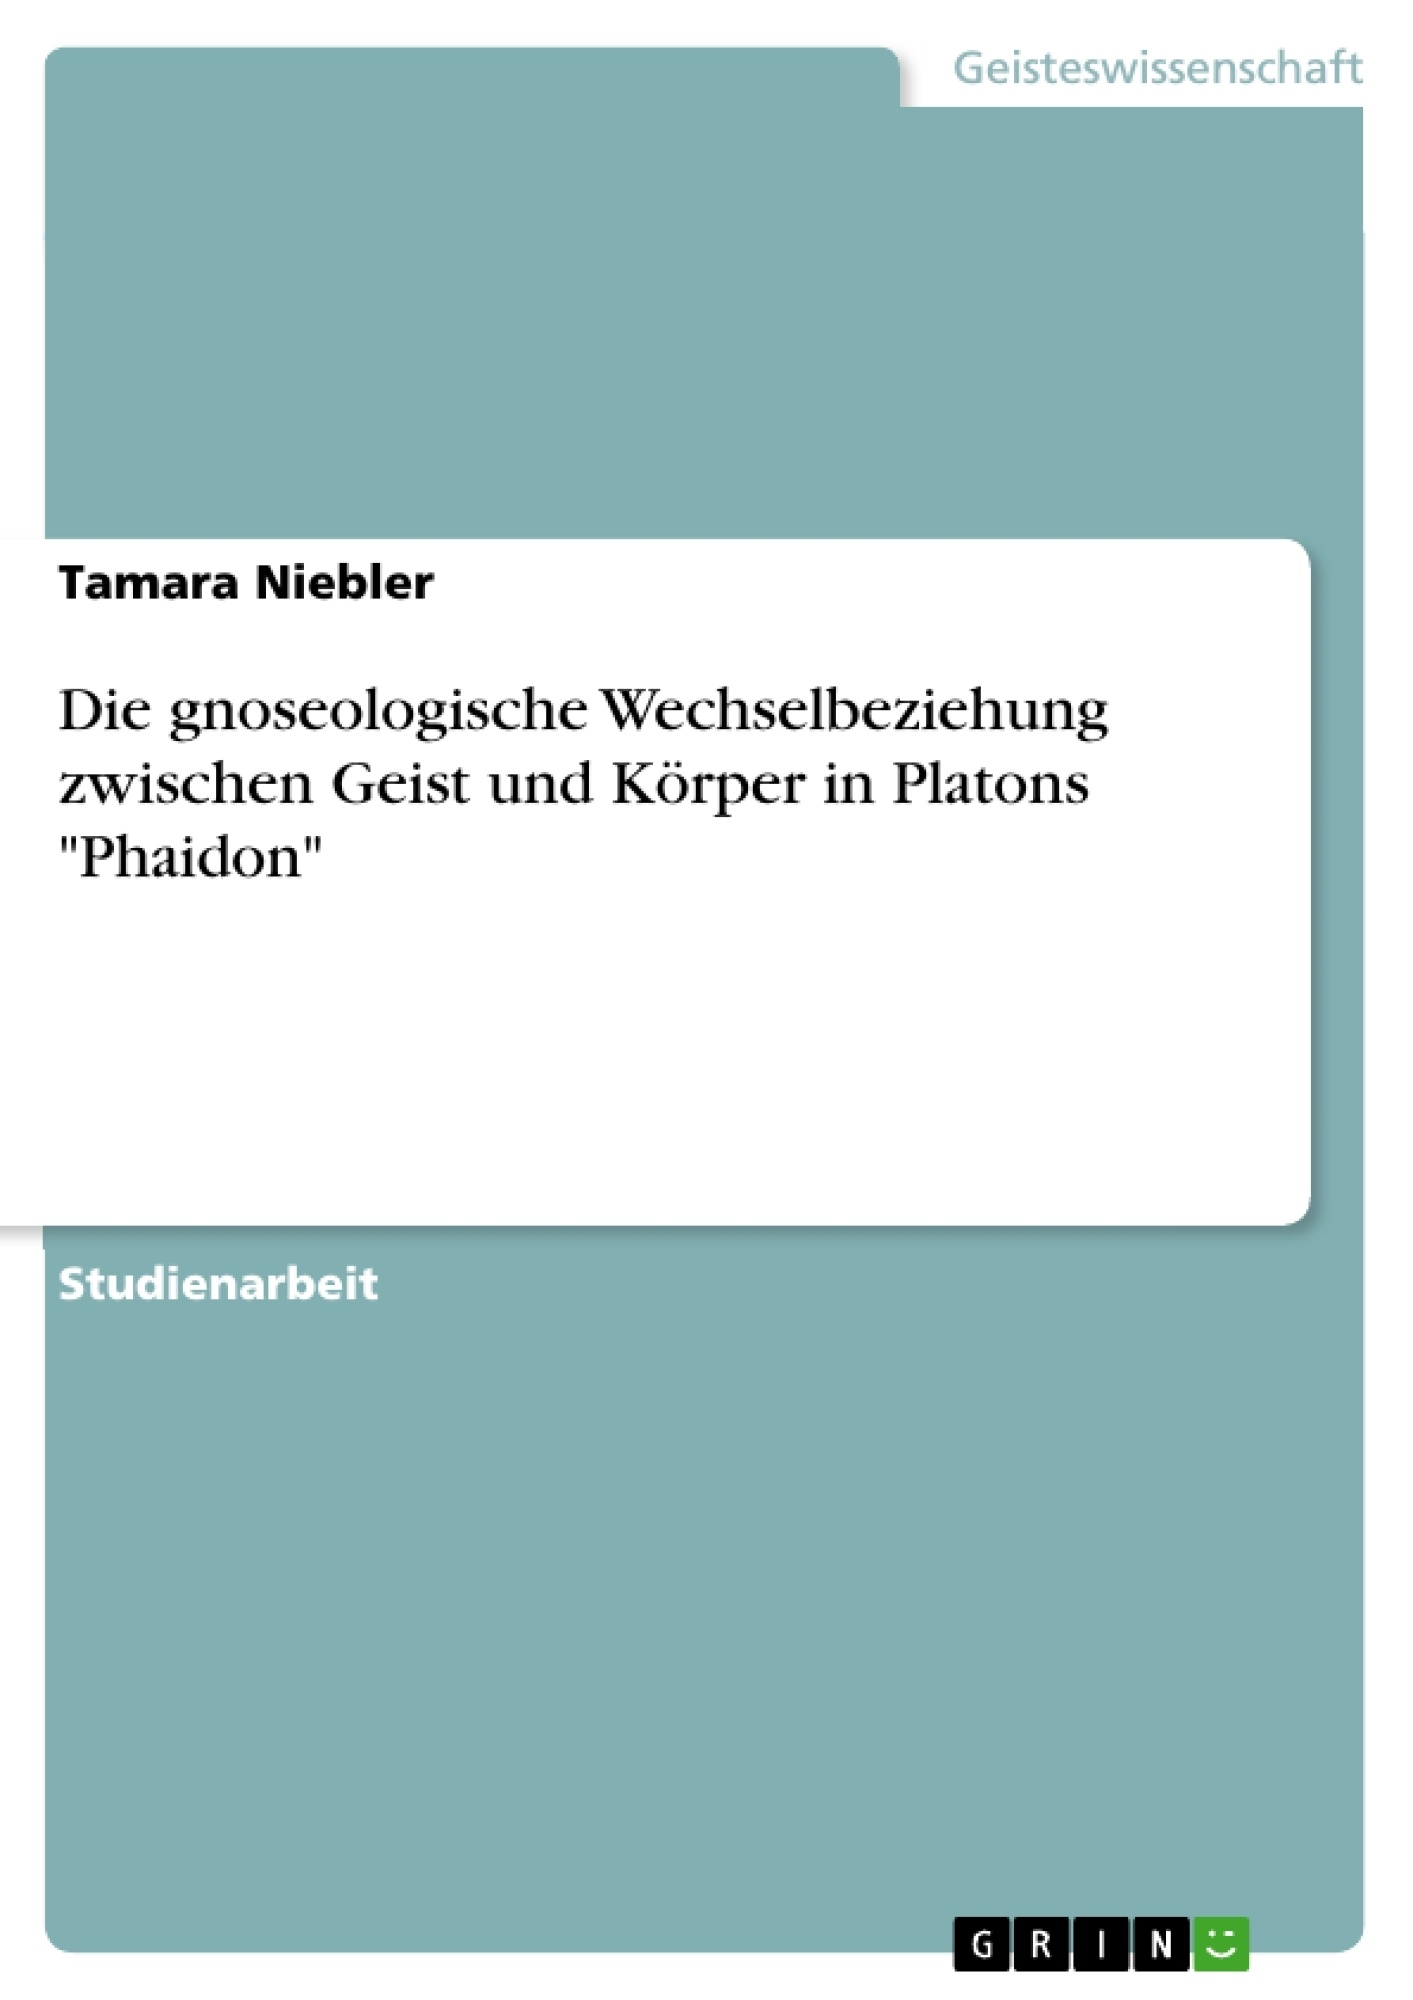 """Titel: Die gnoseologische Wechselbeziehung zwischen Geist und Körper in Platons """"Phaidon"""""""